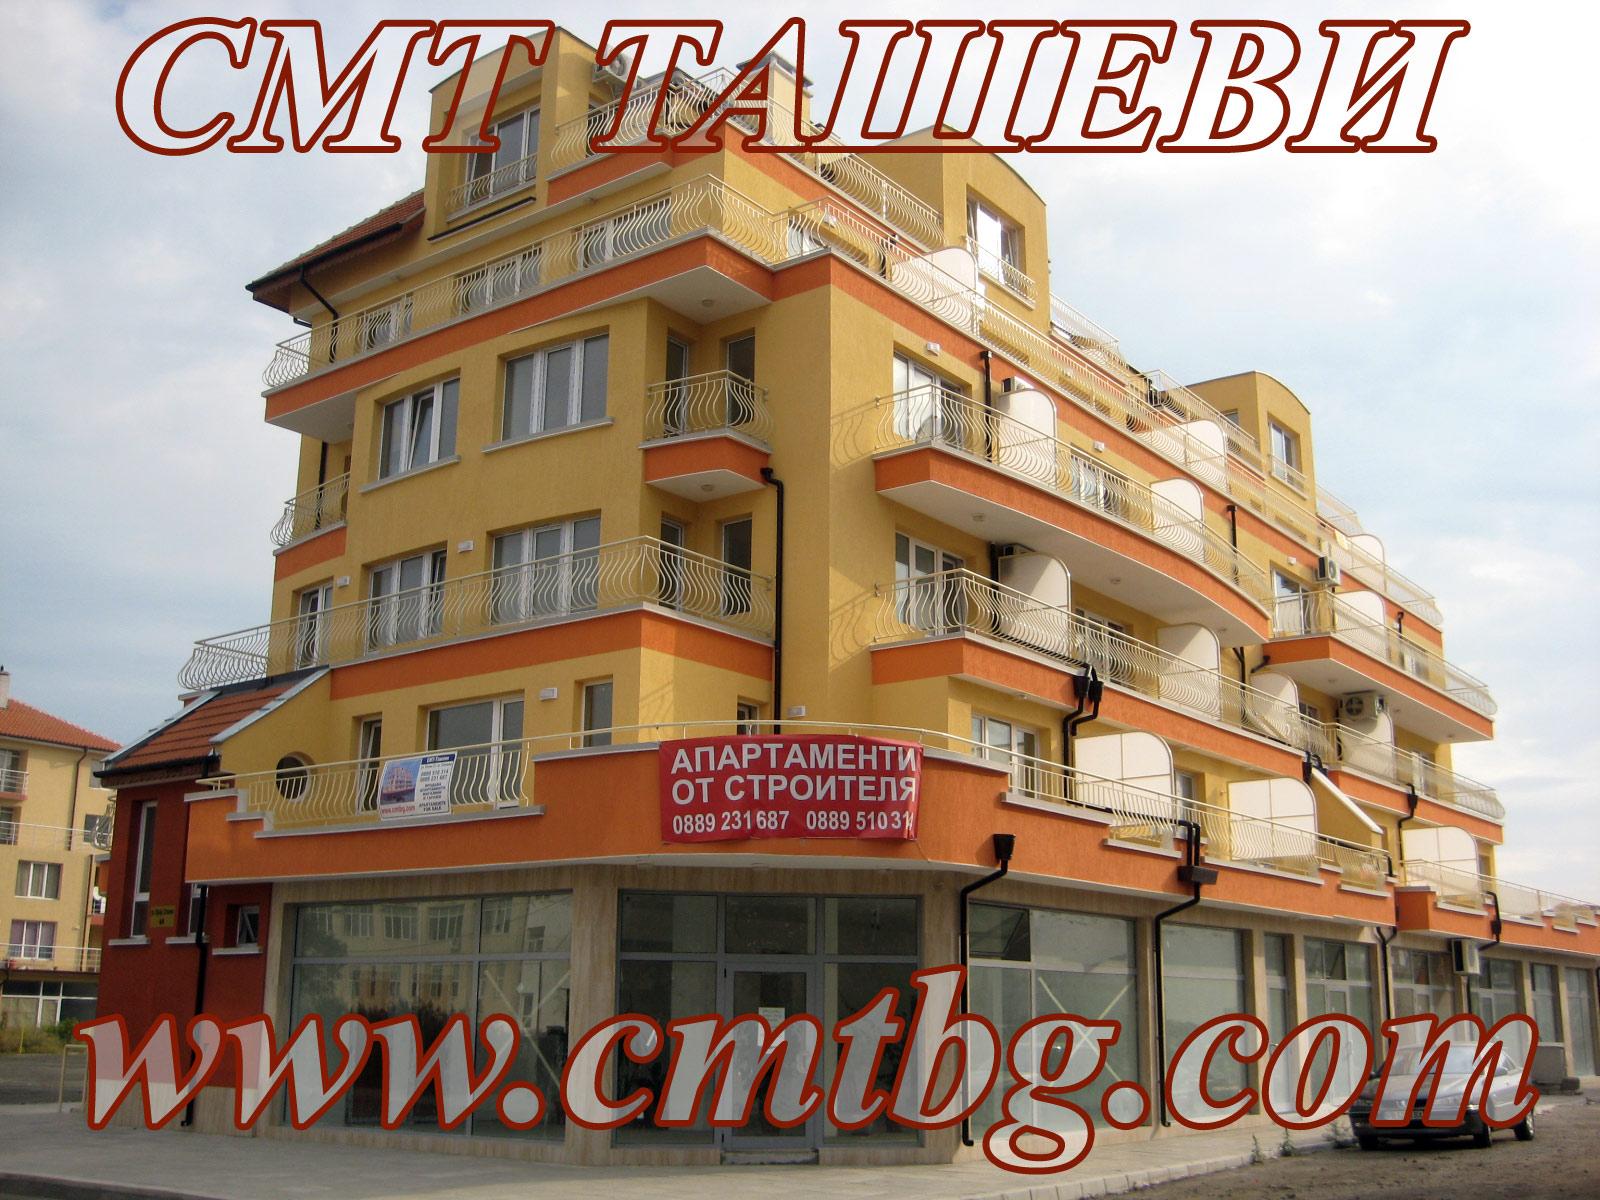 Квартира (Болгария) - купить, продать, сдать или снять в